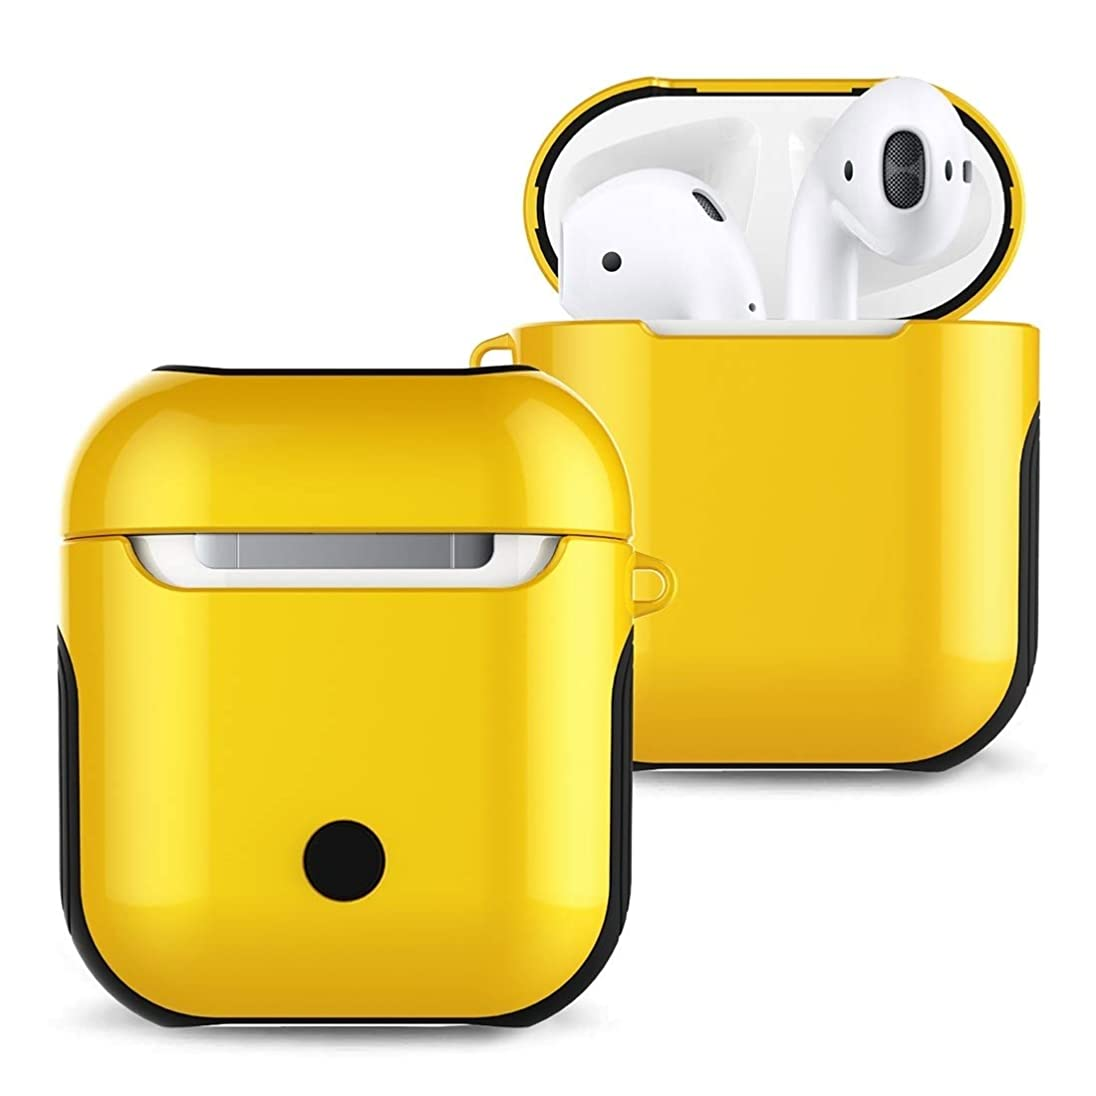 雰囲気エレベーターフルーツ野菜JIANGNIJPイヤホン保護ケース Apple AirPods 1/2用ニス塗装済みPCブルートゥースイヤホンケースAntilost収納バッグ1/2 (色 : 黄)